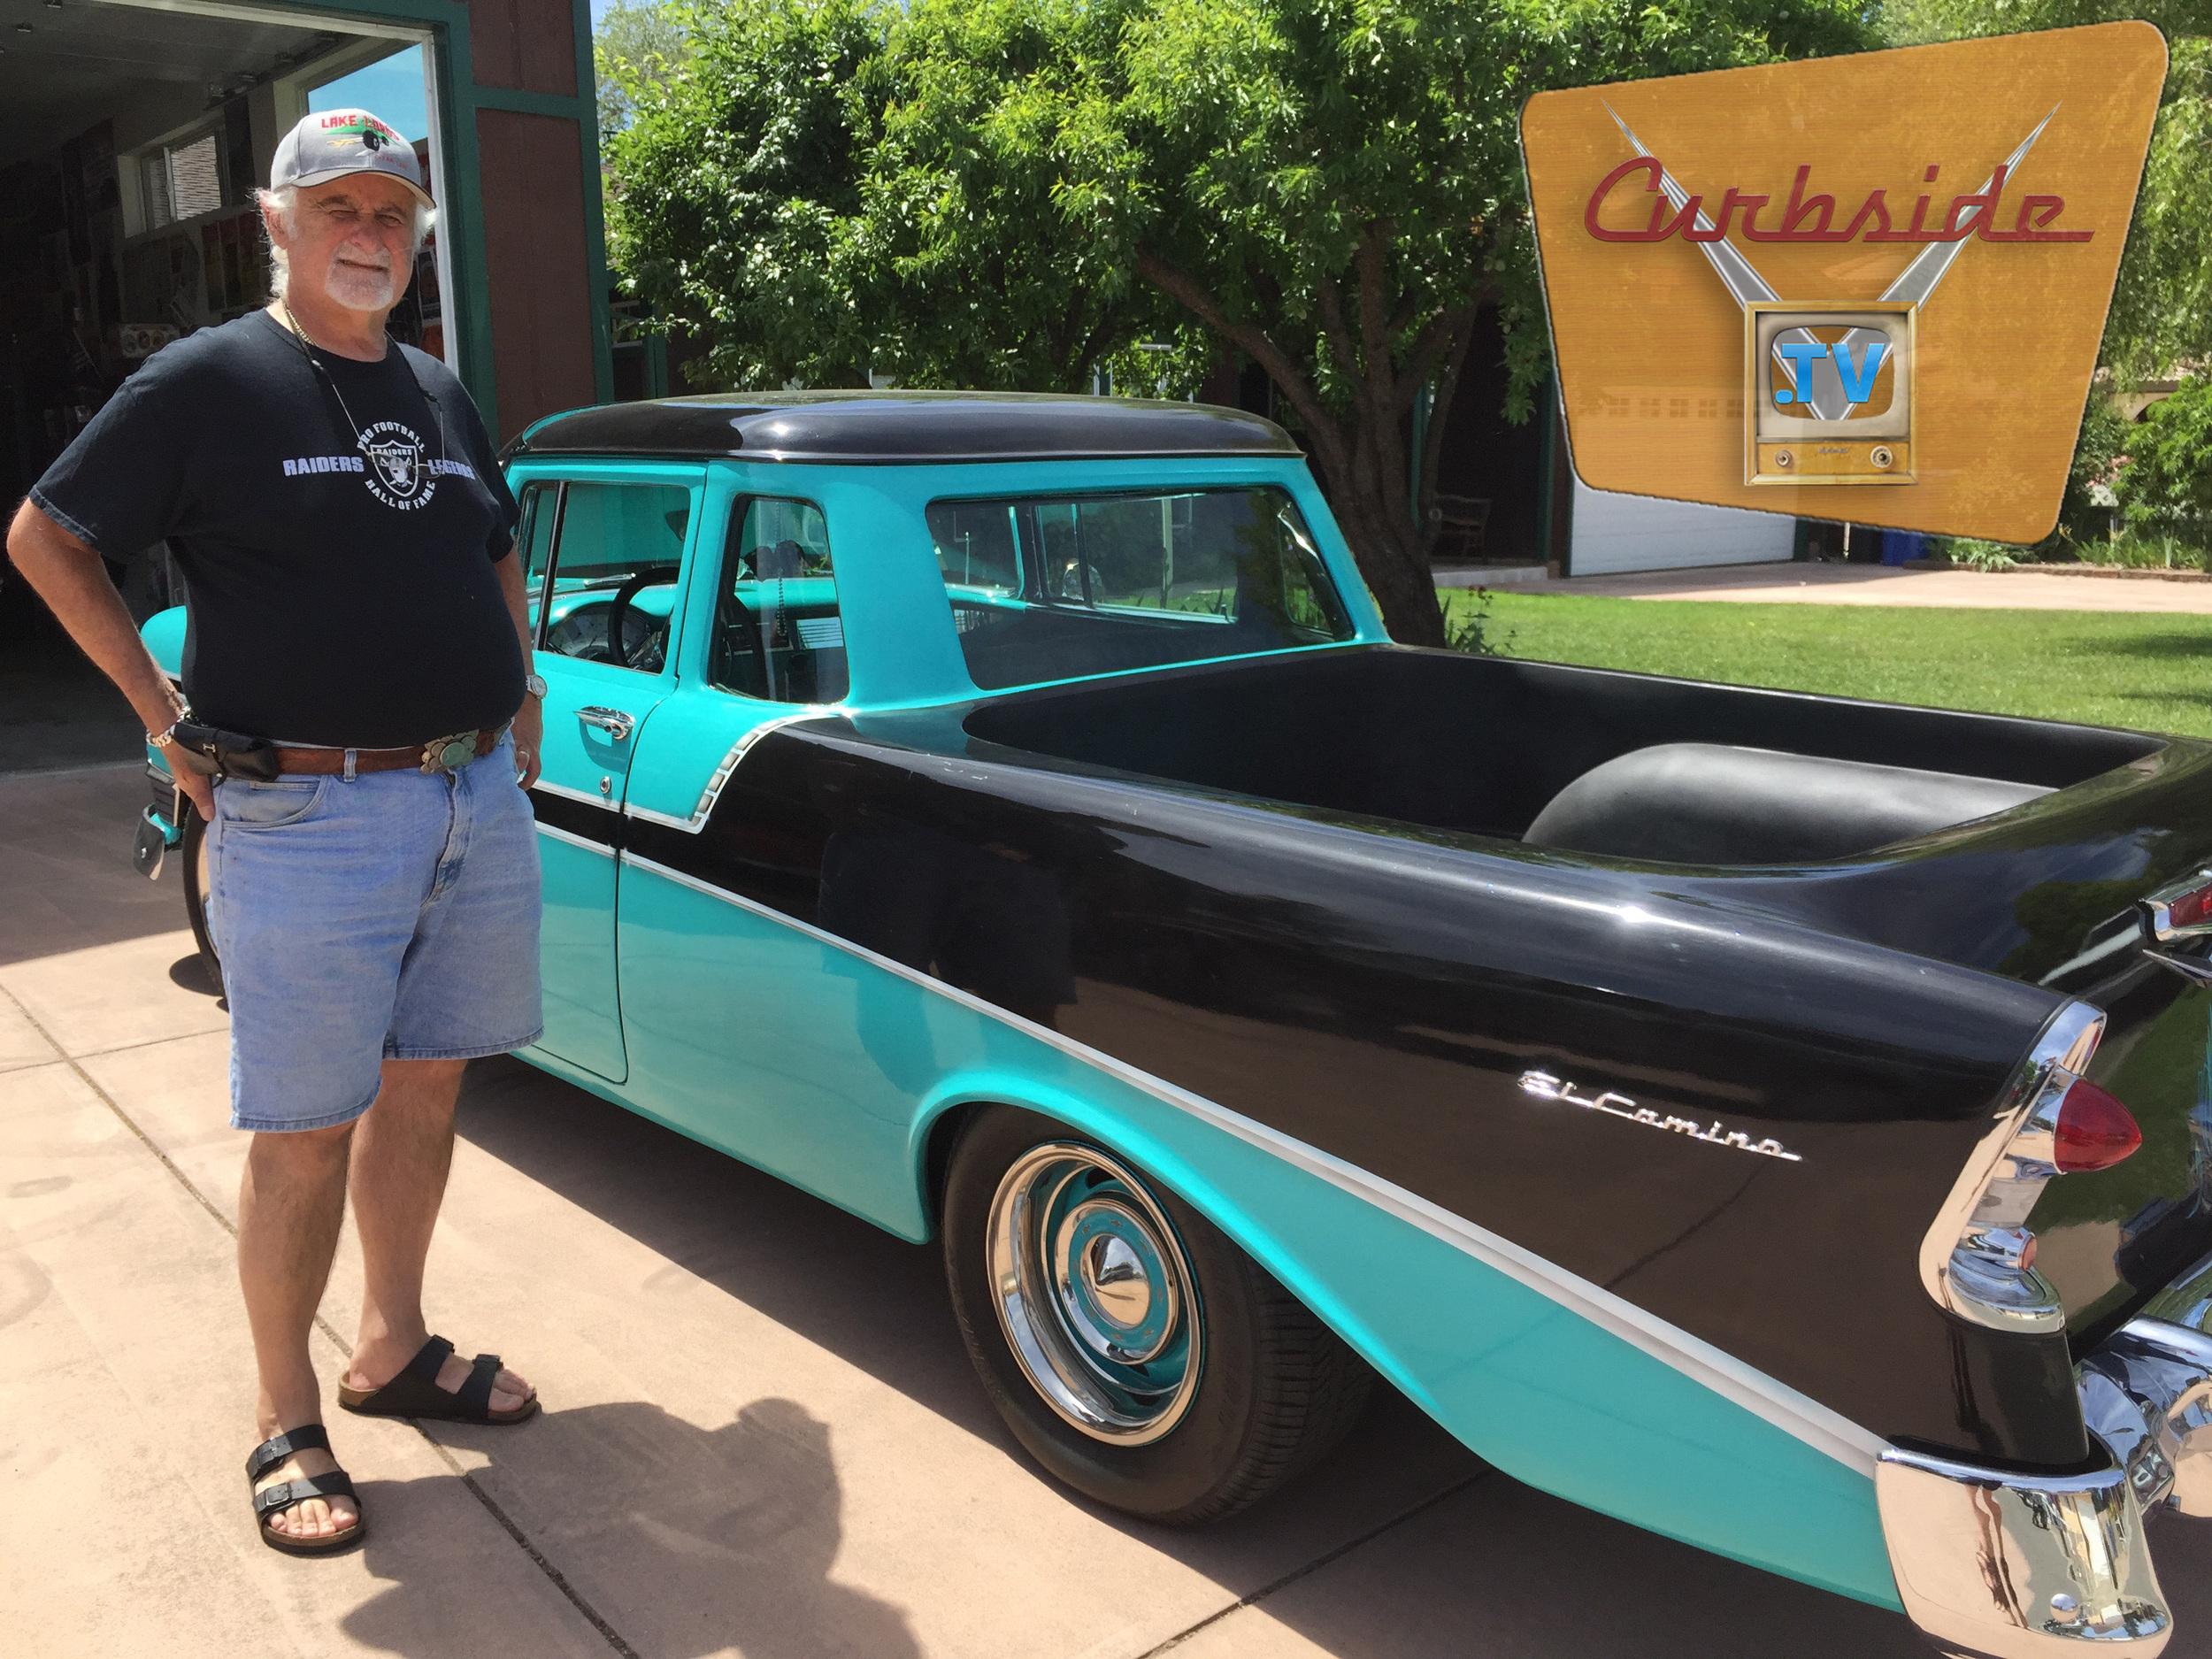 Joe Colabella and his custom 1956 Chevrolet El Camino 60th Anniversary Special